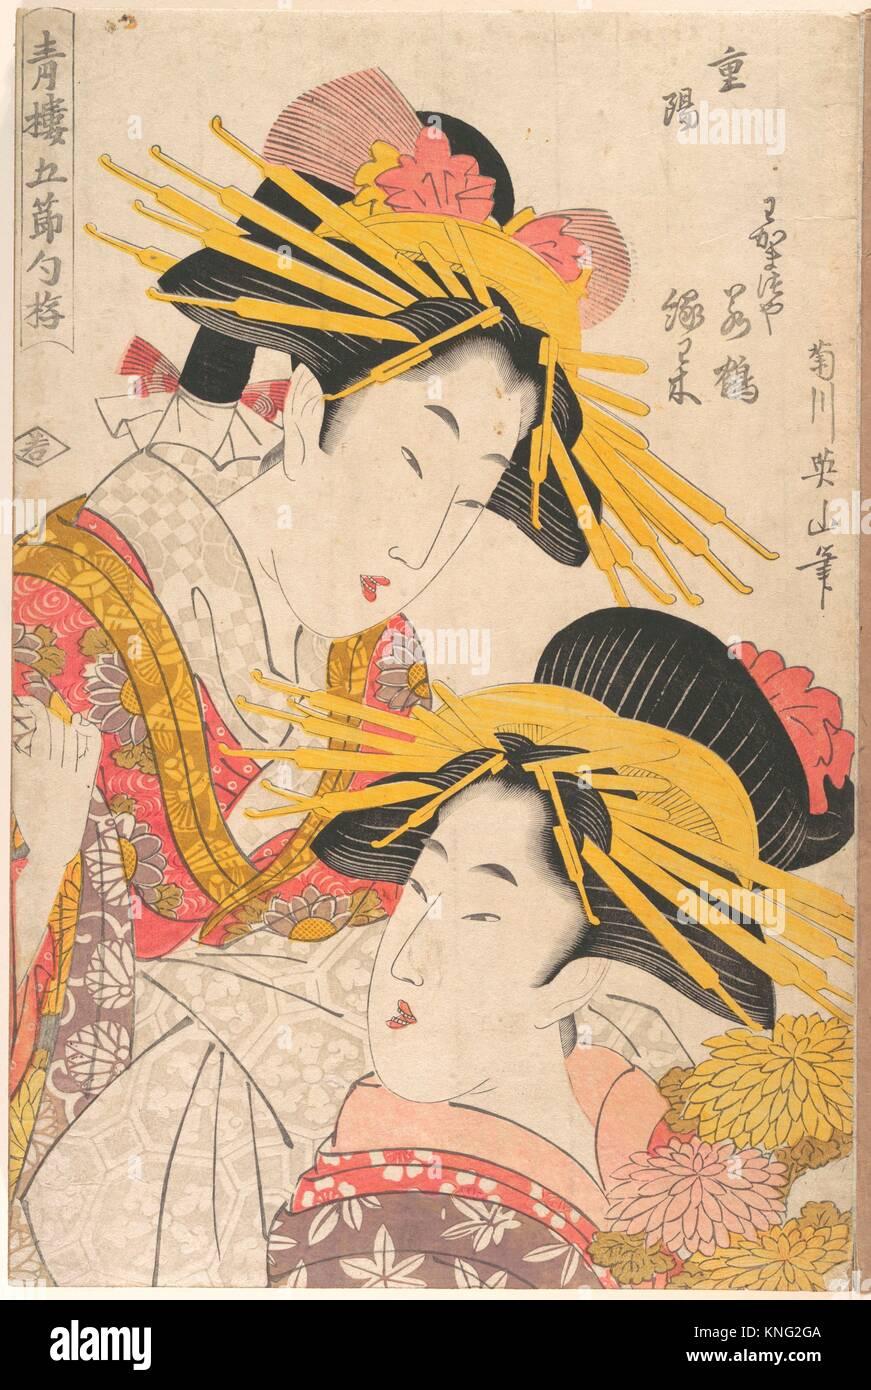 Album of Prints by Kikugawa Eizan, Utagawa Kunisada, and Utagawa Kunimaru. Artist: Nineteen prints by Kikugawa Eizan - Stock Image